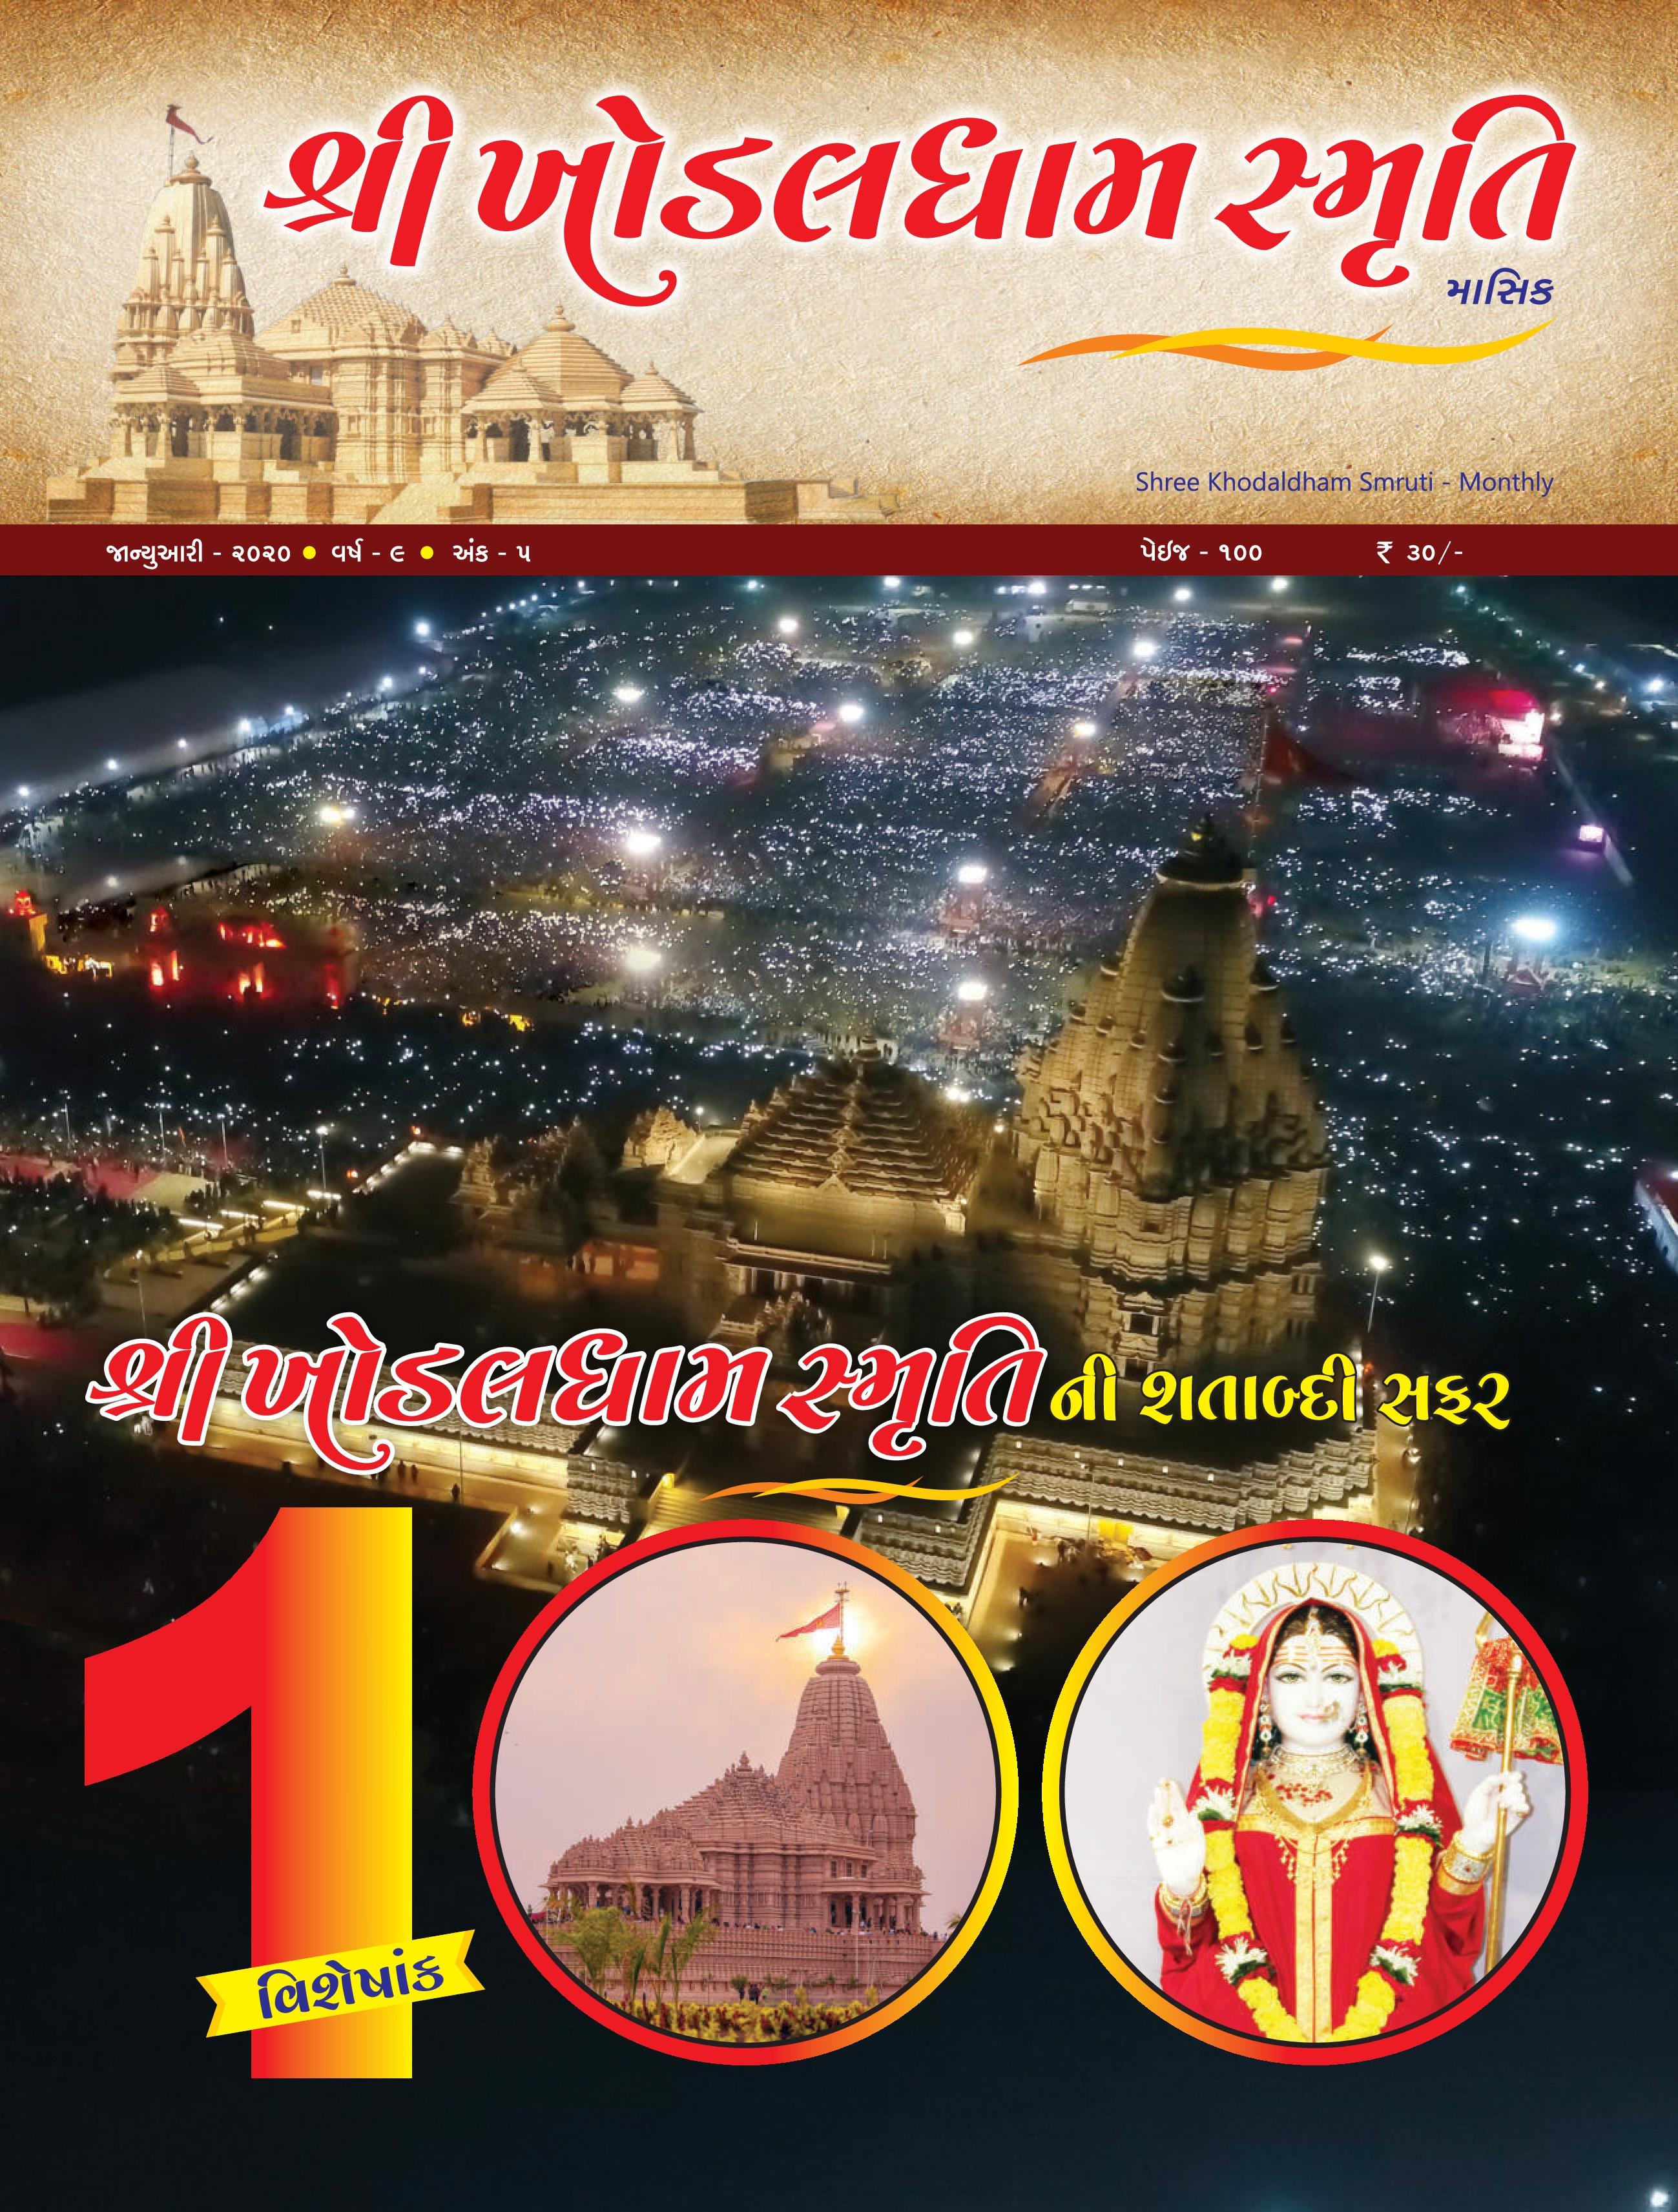 Khodaldham Smruti Magazine Subscription